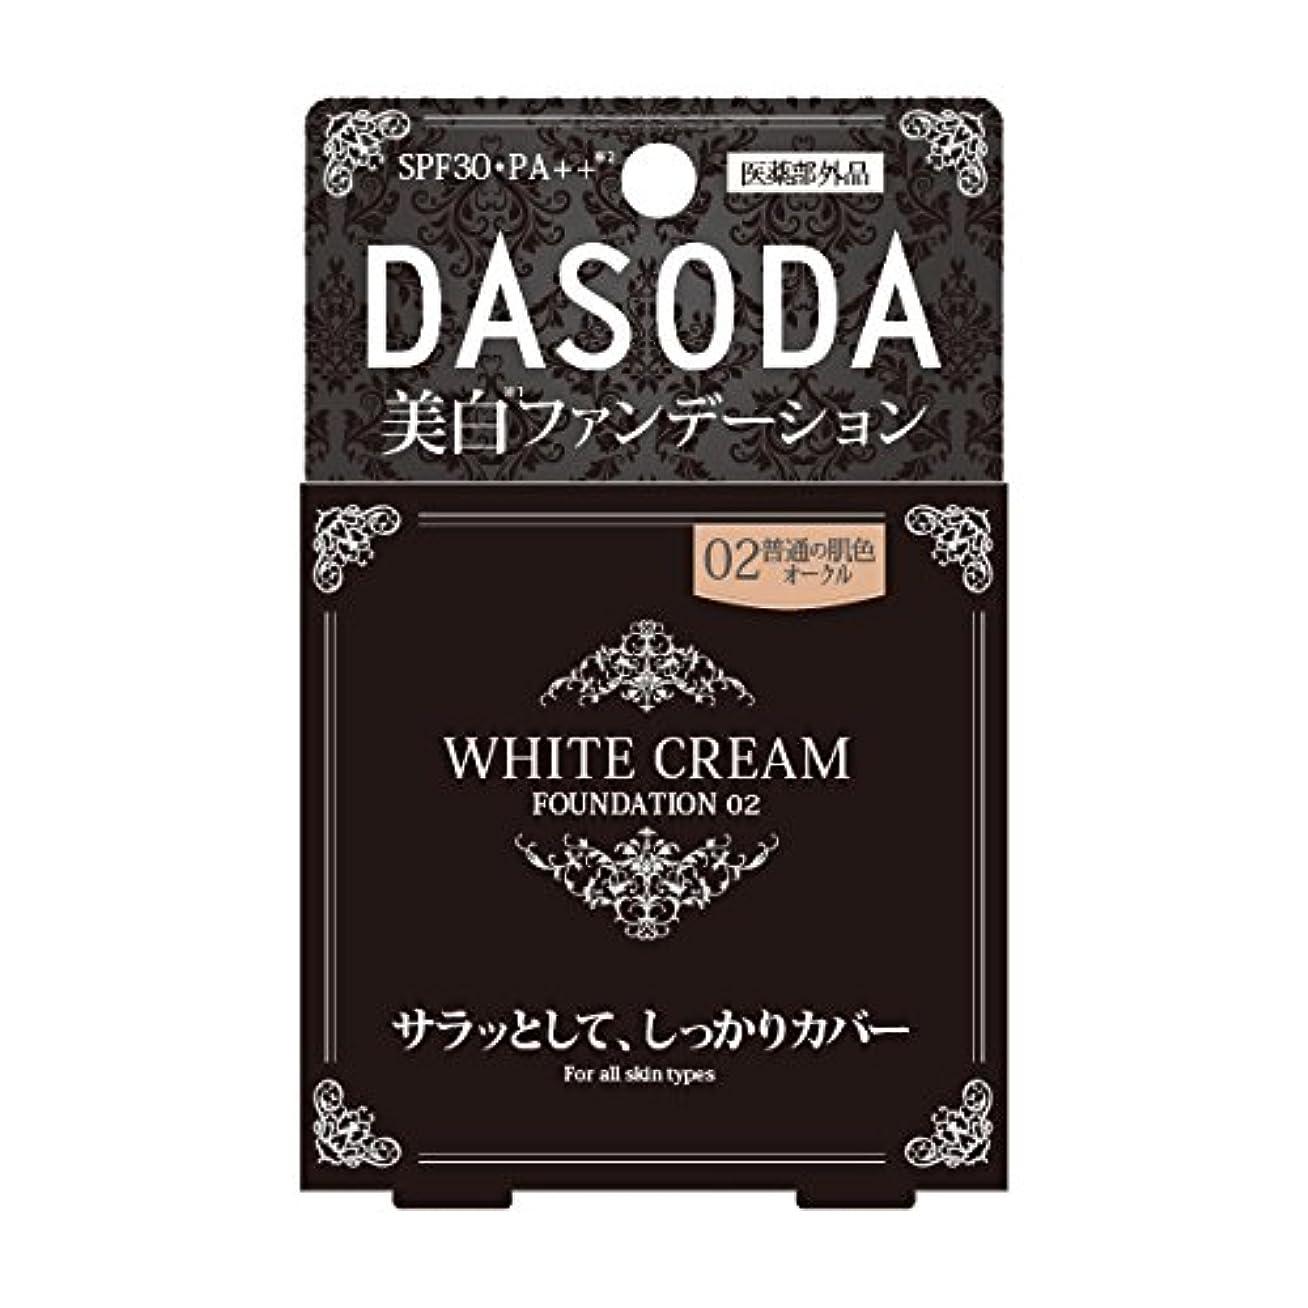 細心のふつう職業ダソダ エフシー ホワイトクリームファンデーション 02 オークル 8g